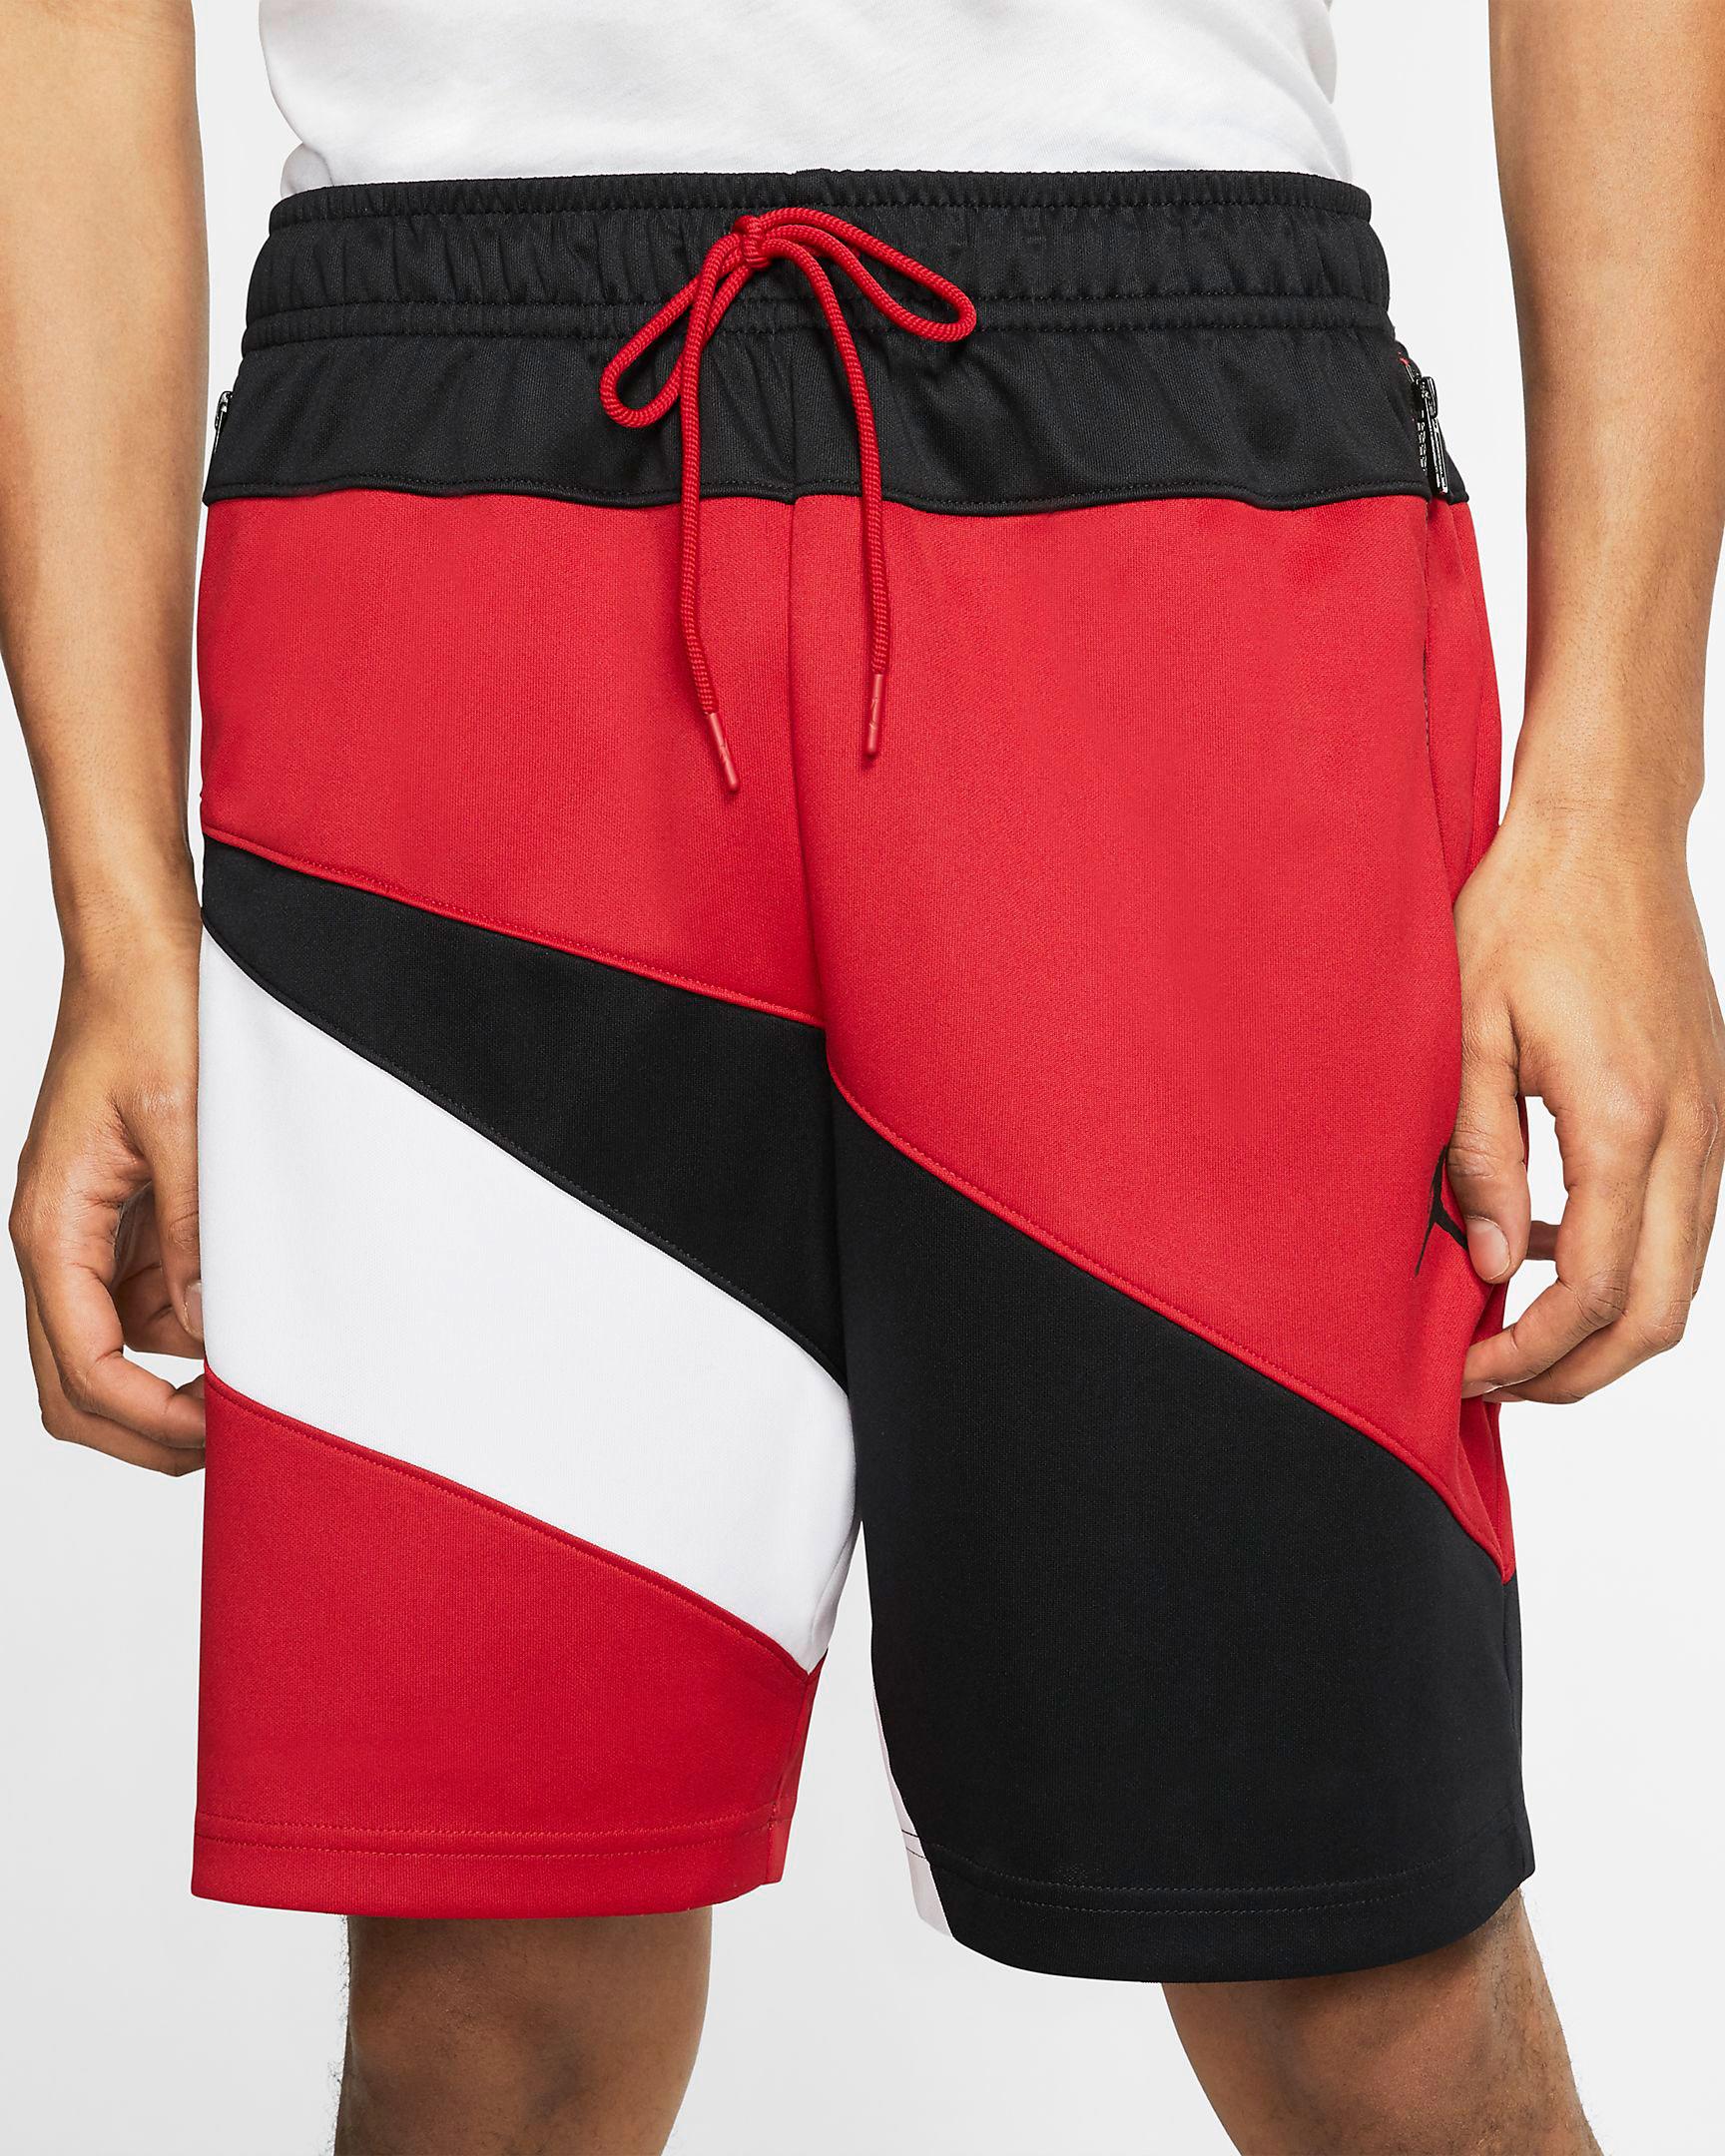 air-jordan-4-red-metallic-matching-shorts-2